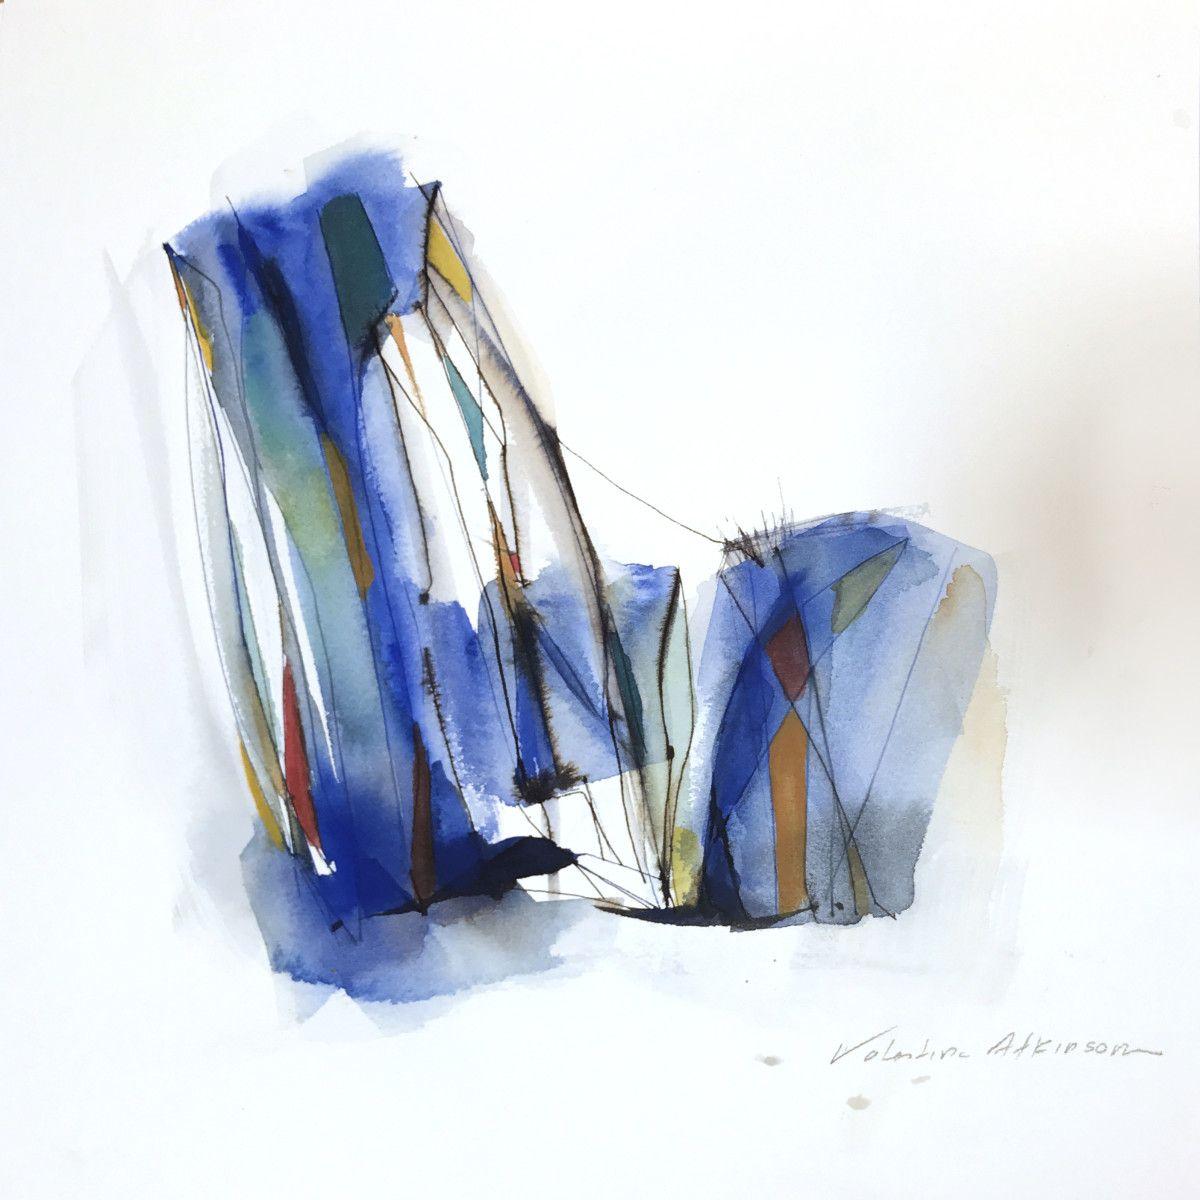 By Valentina Atkinson. Tiempo de Mediodía, Watercolor and Ink. 14 x 14 in. SOLD